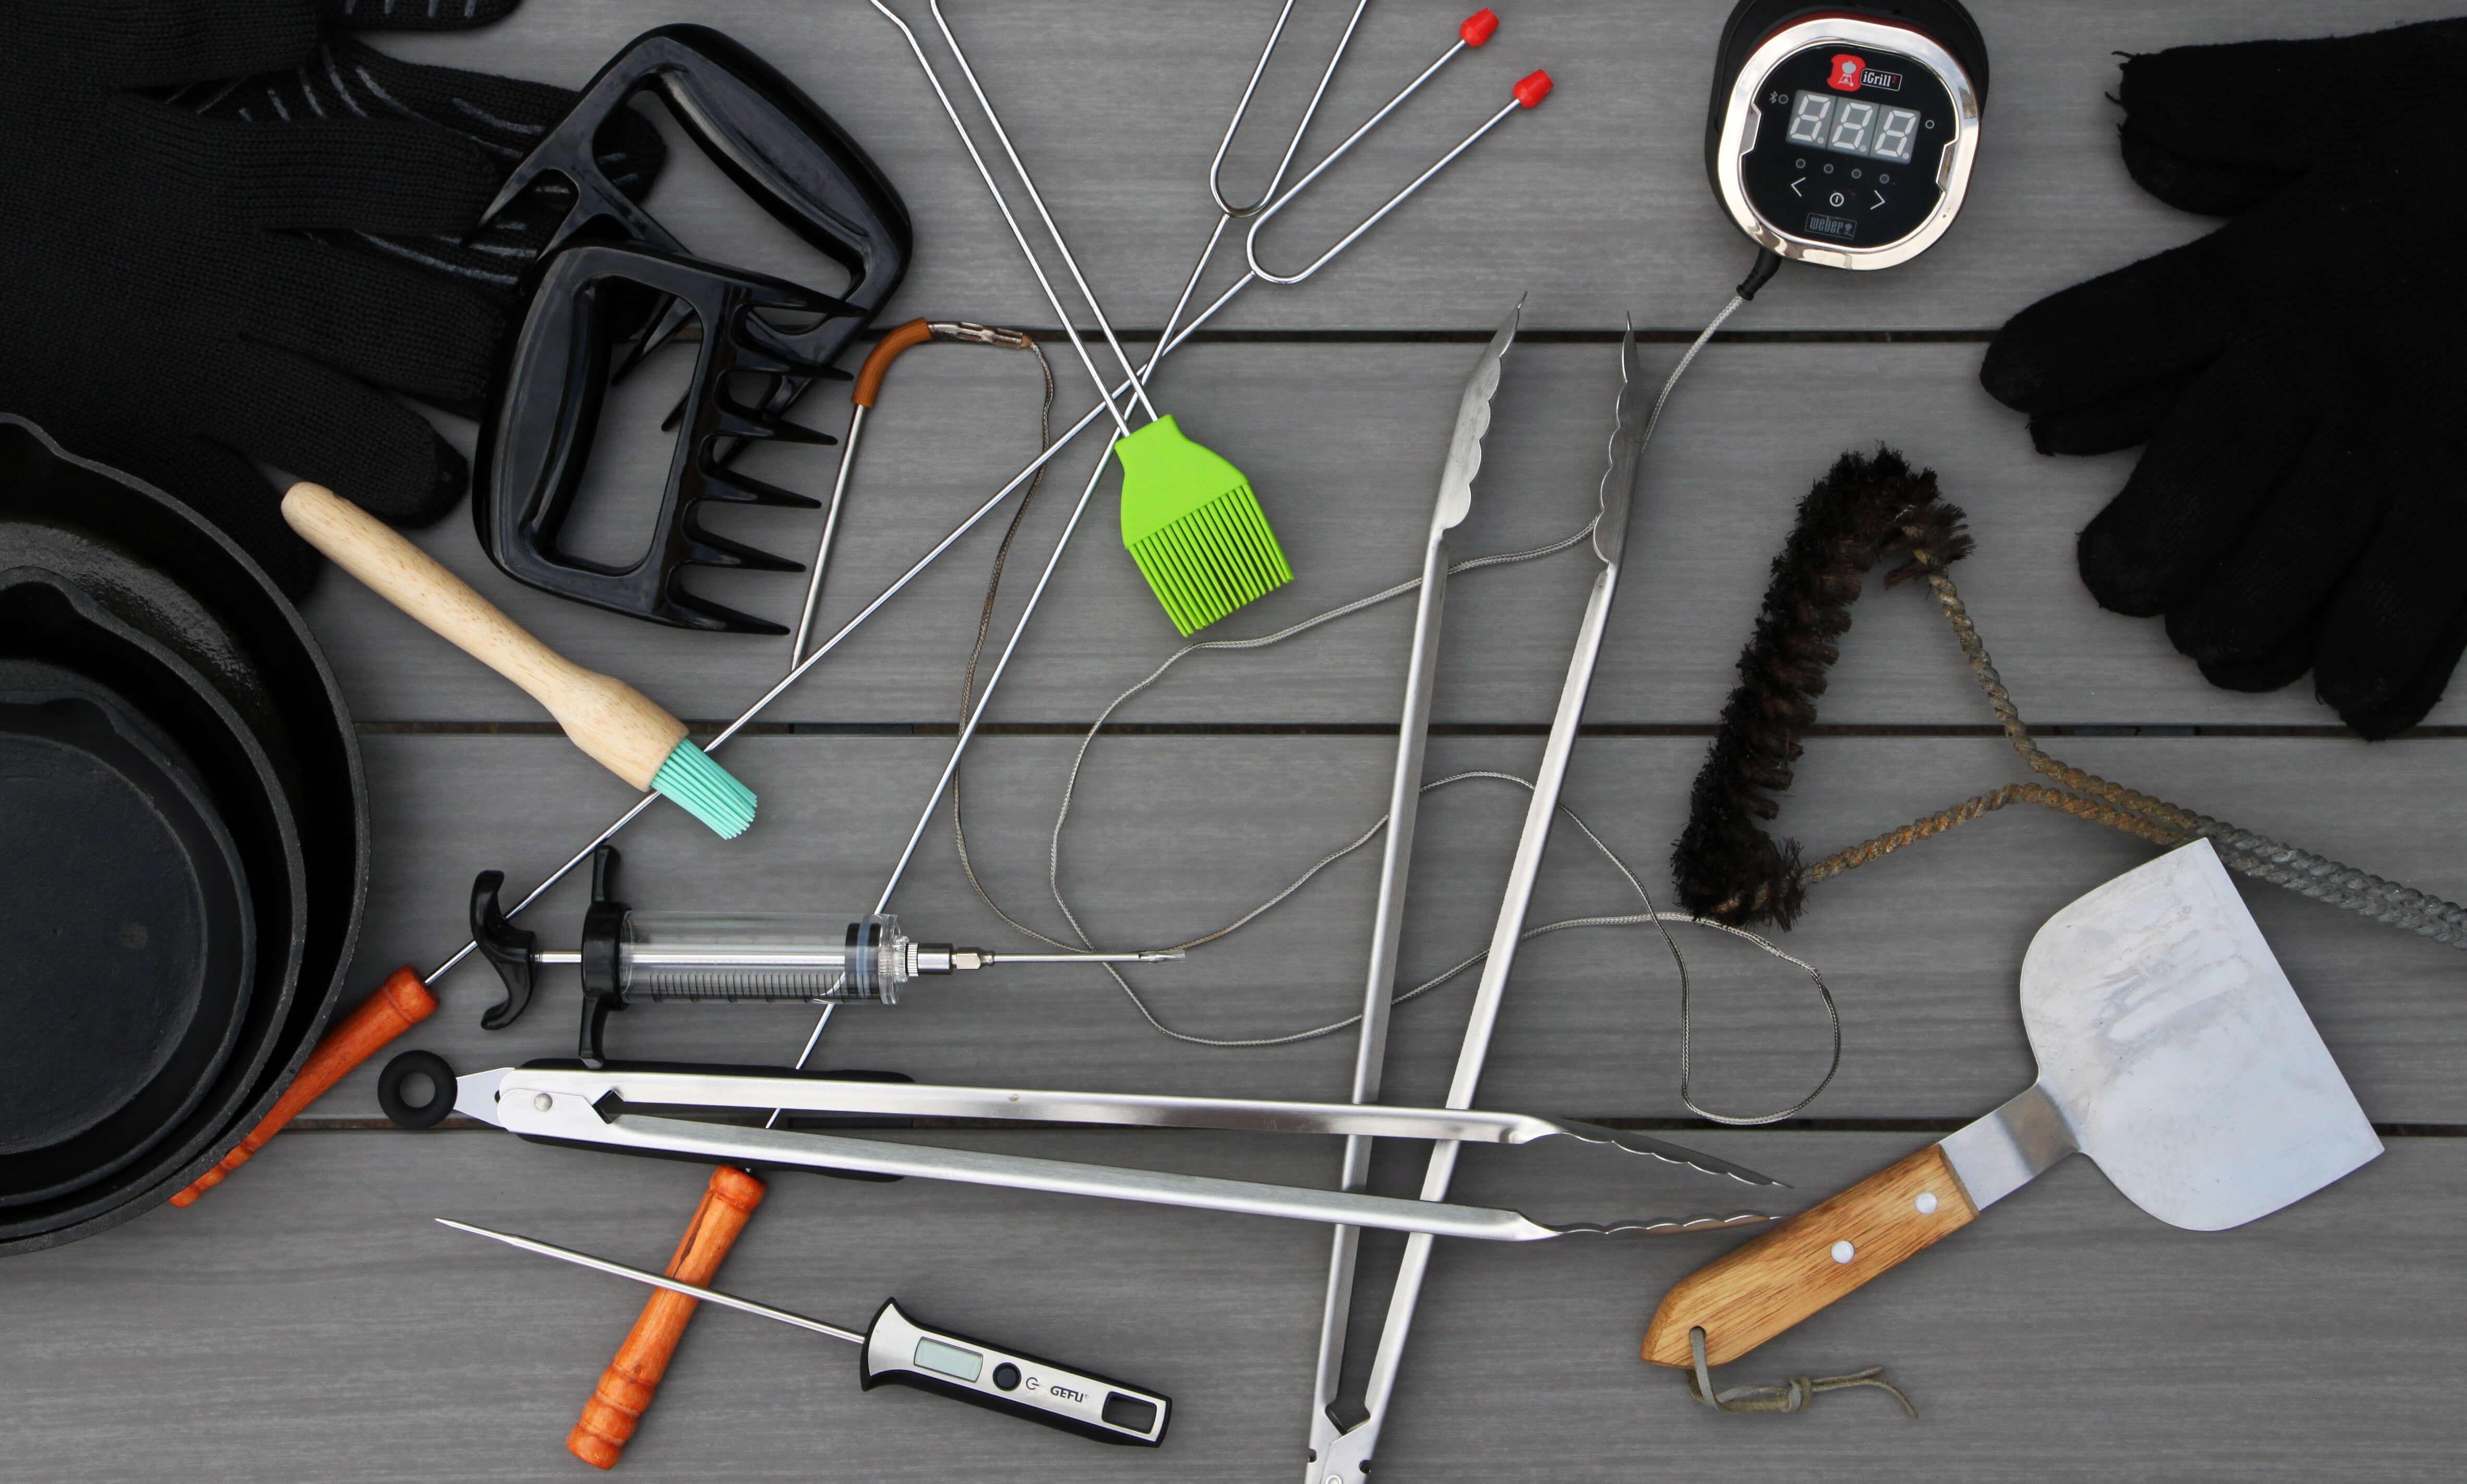 Welke accessoires zijn onmisbaar bij de BBQ? Dit zijn 5 BBQ accessoires die je in ieder geval nodig gaat hebben.